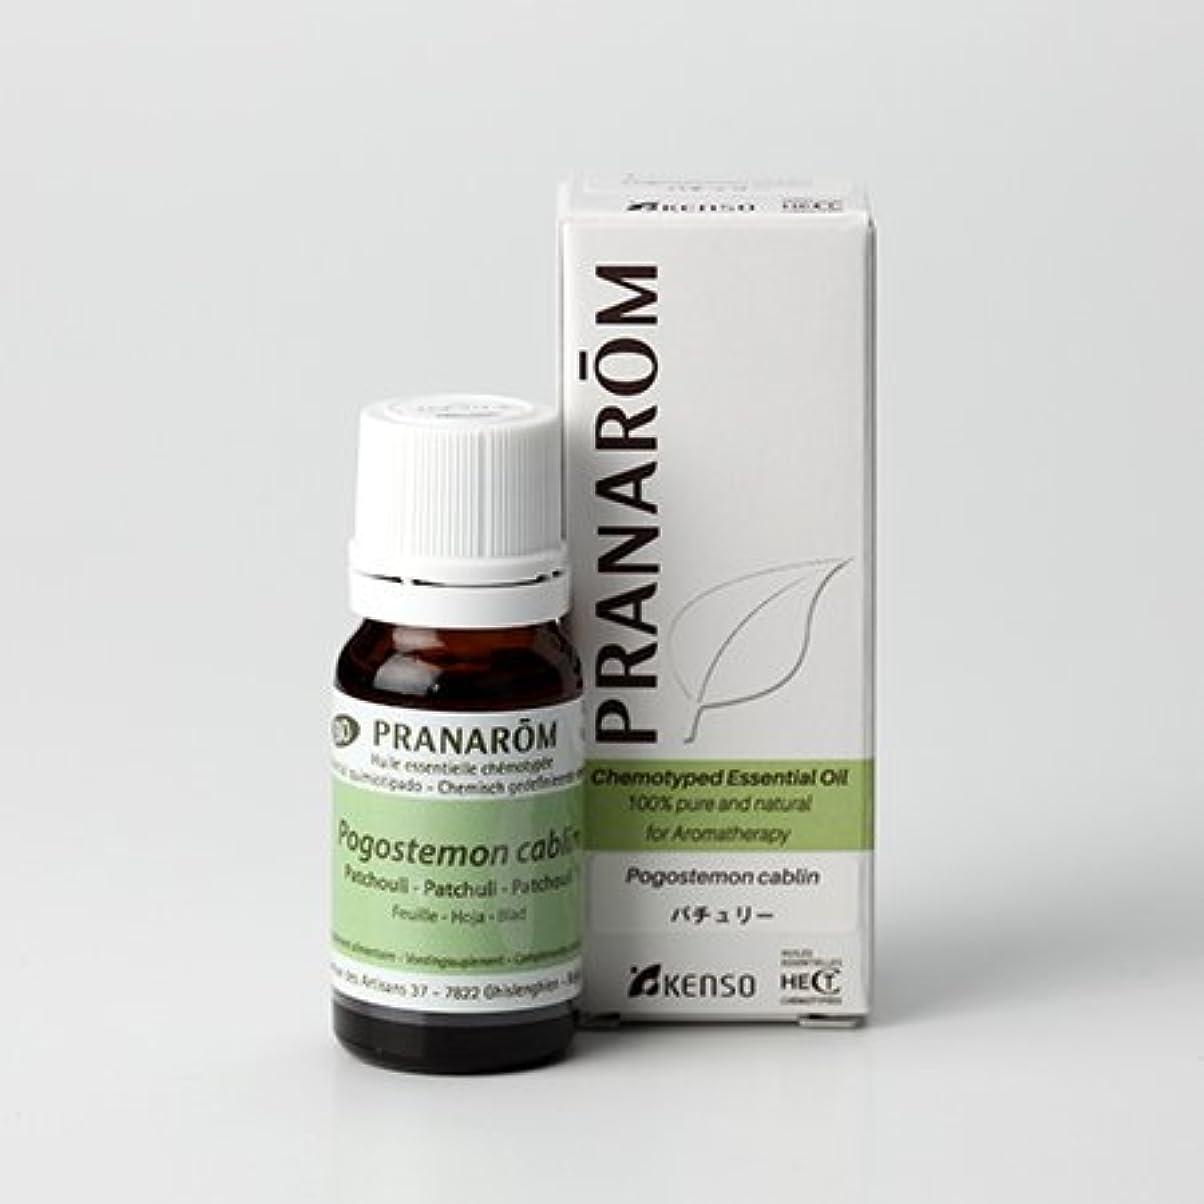 【パチュリー 10ml】→甘いオリエンタルな香り?(リラックスハーブ系)[PRANAROM(プラナロム)精油/アロマオイル/エッセンシャルオイル]P-155